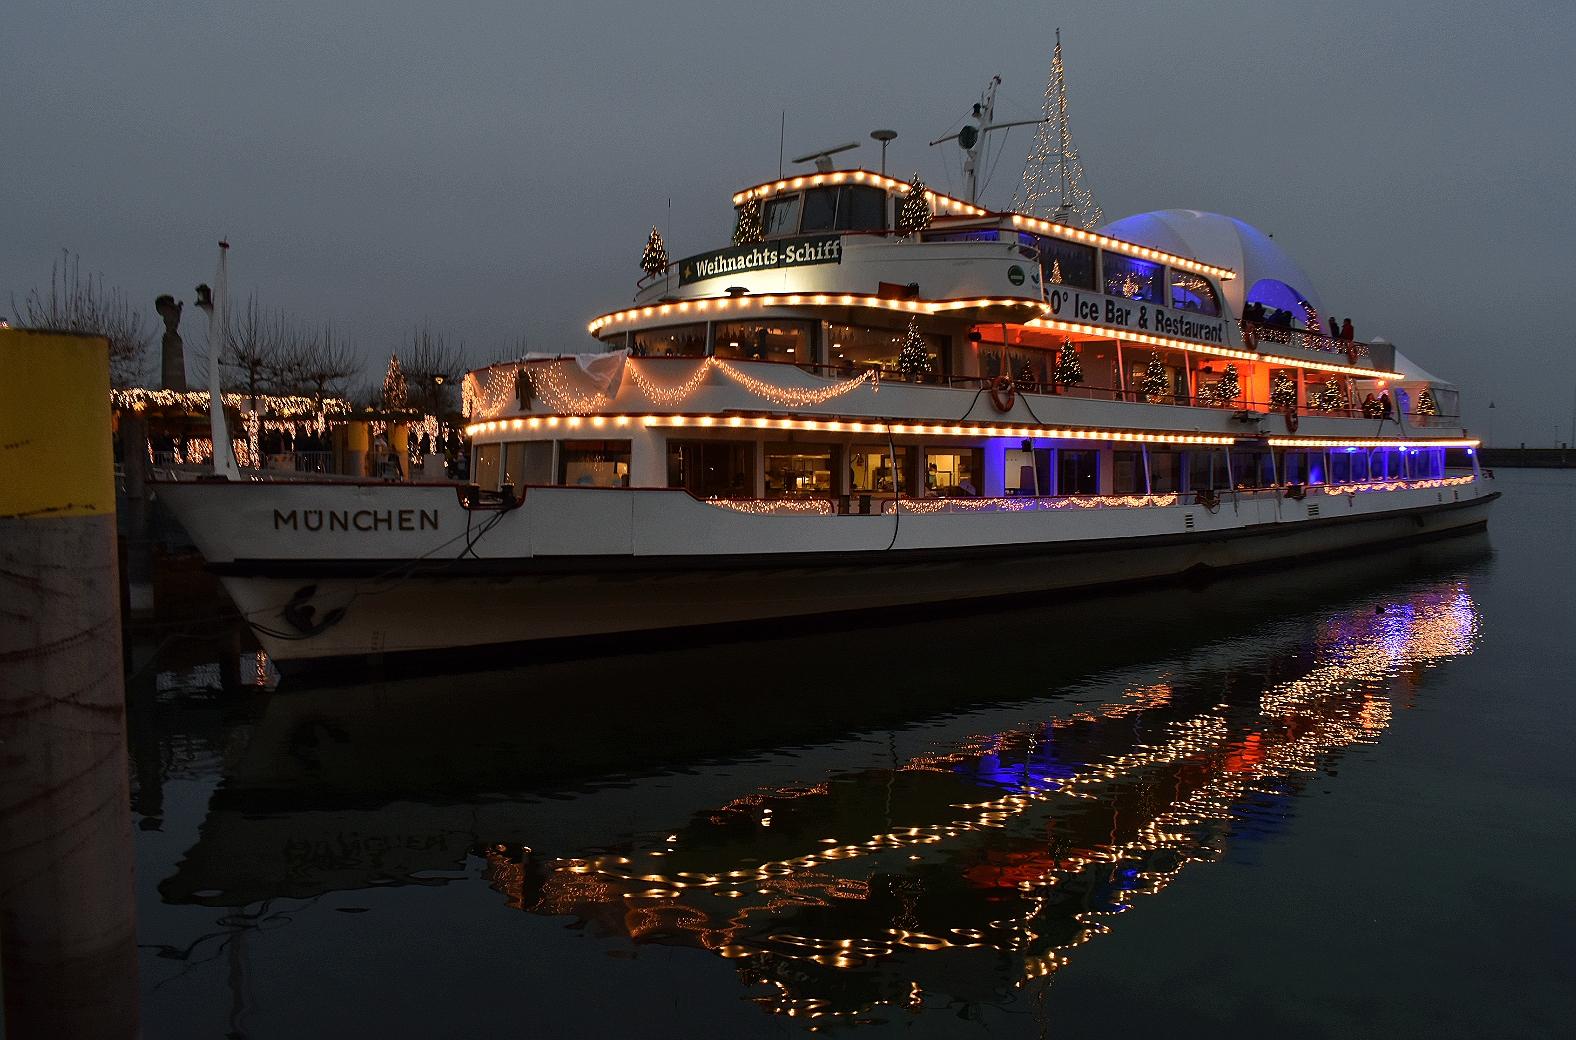 Weihnachtsschiff im Konstanzer Hafen